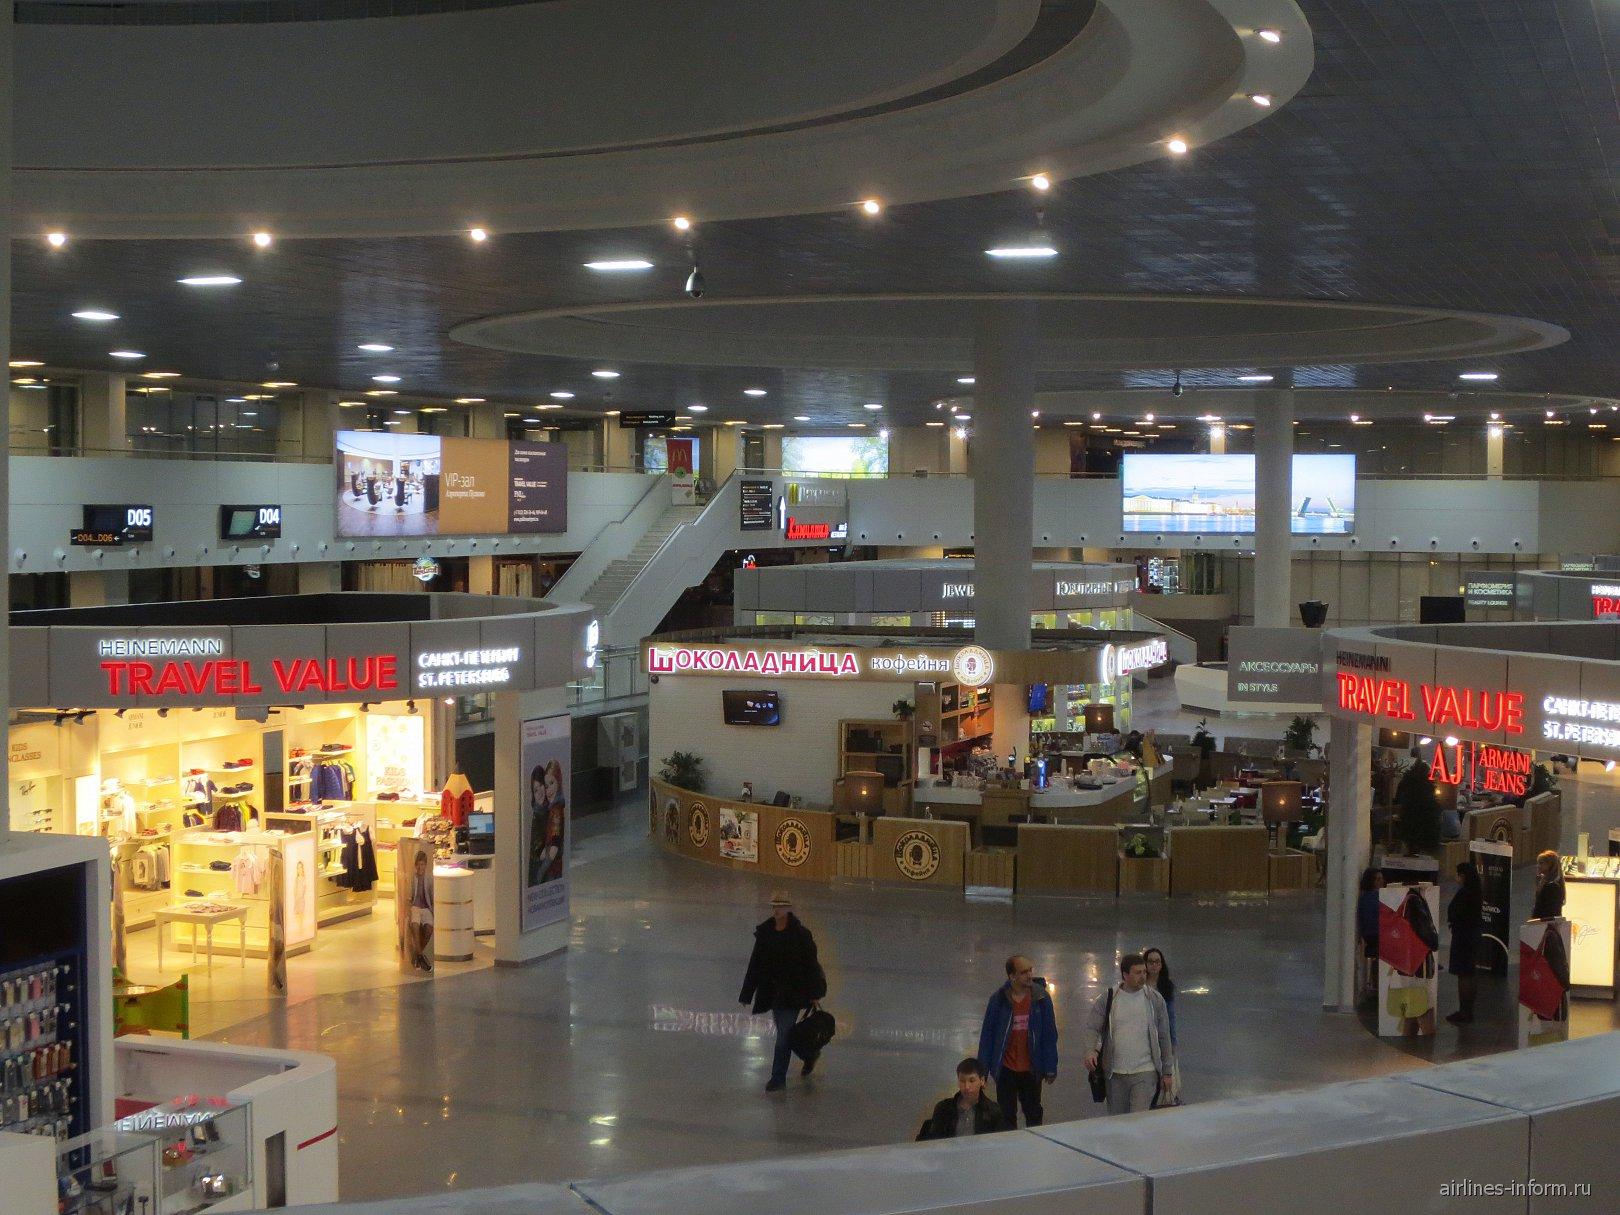 Кафе и магазины в обновленном терминале Пулково-1